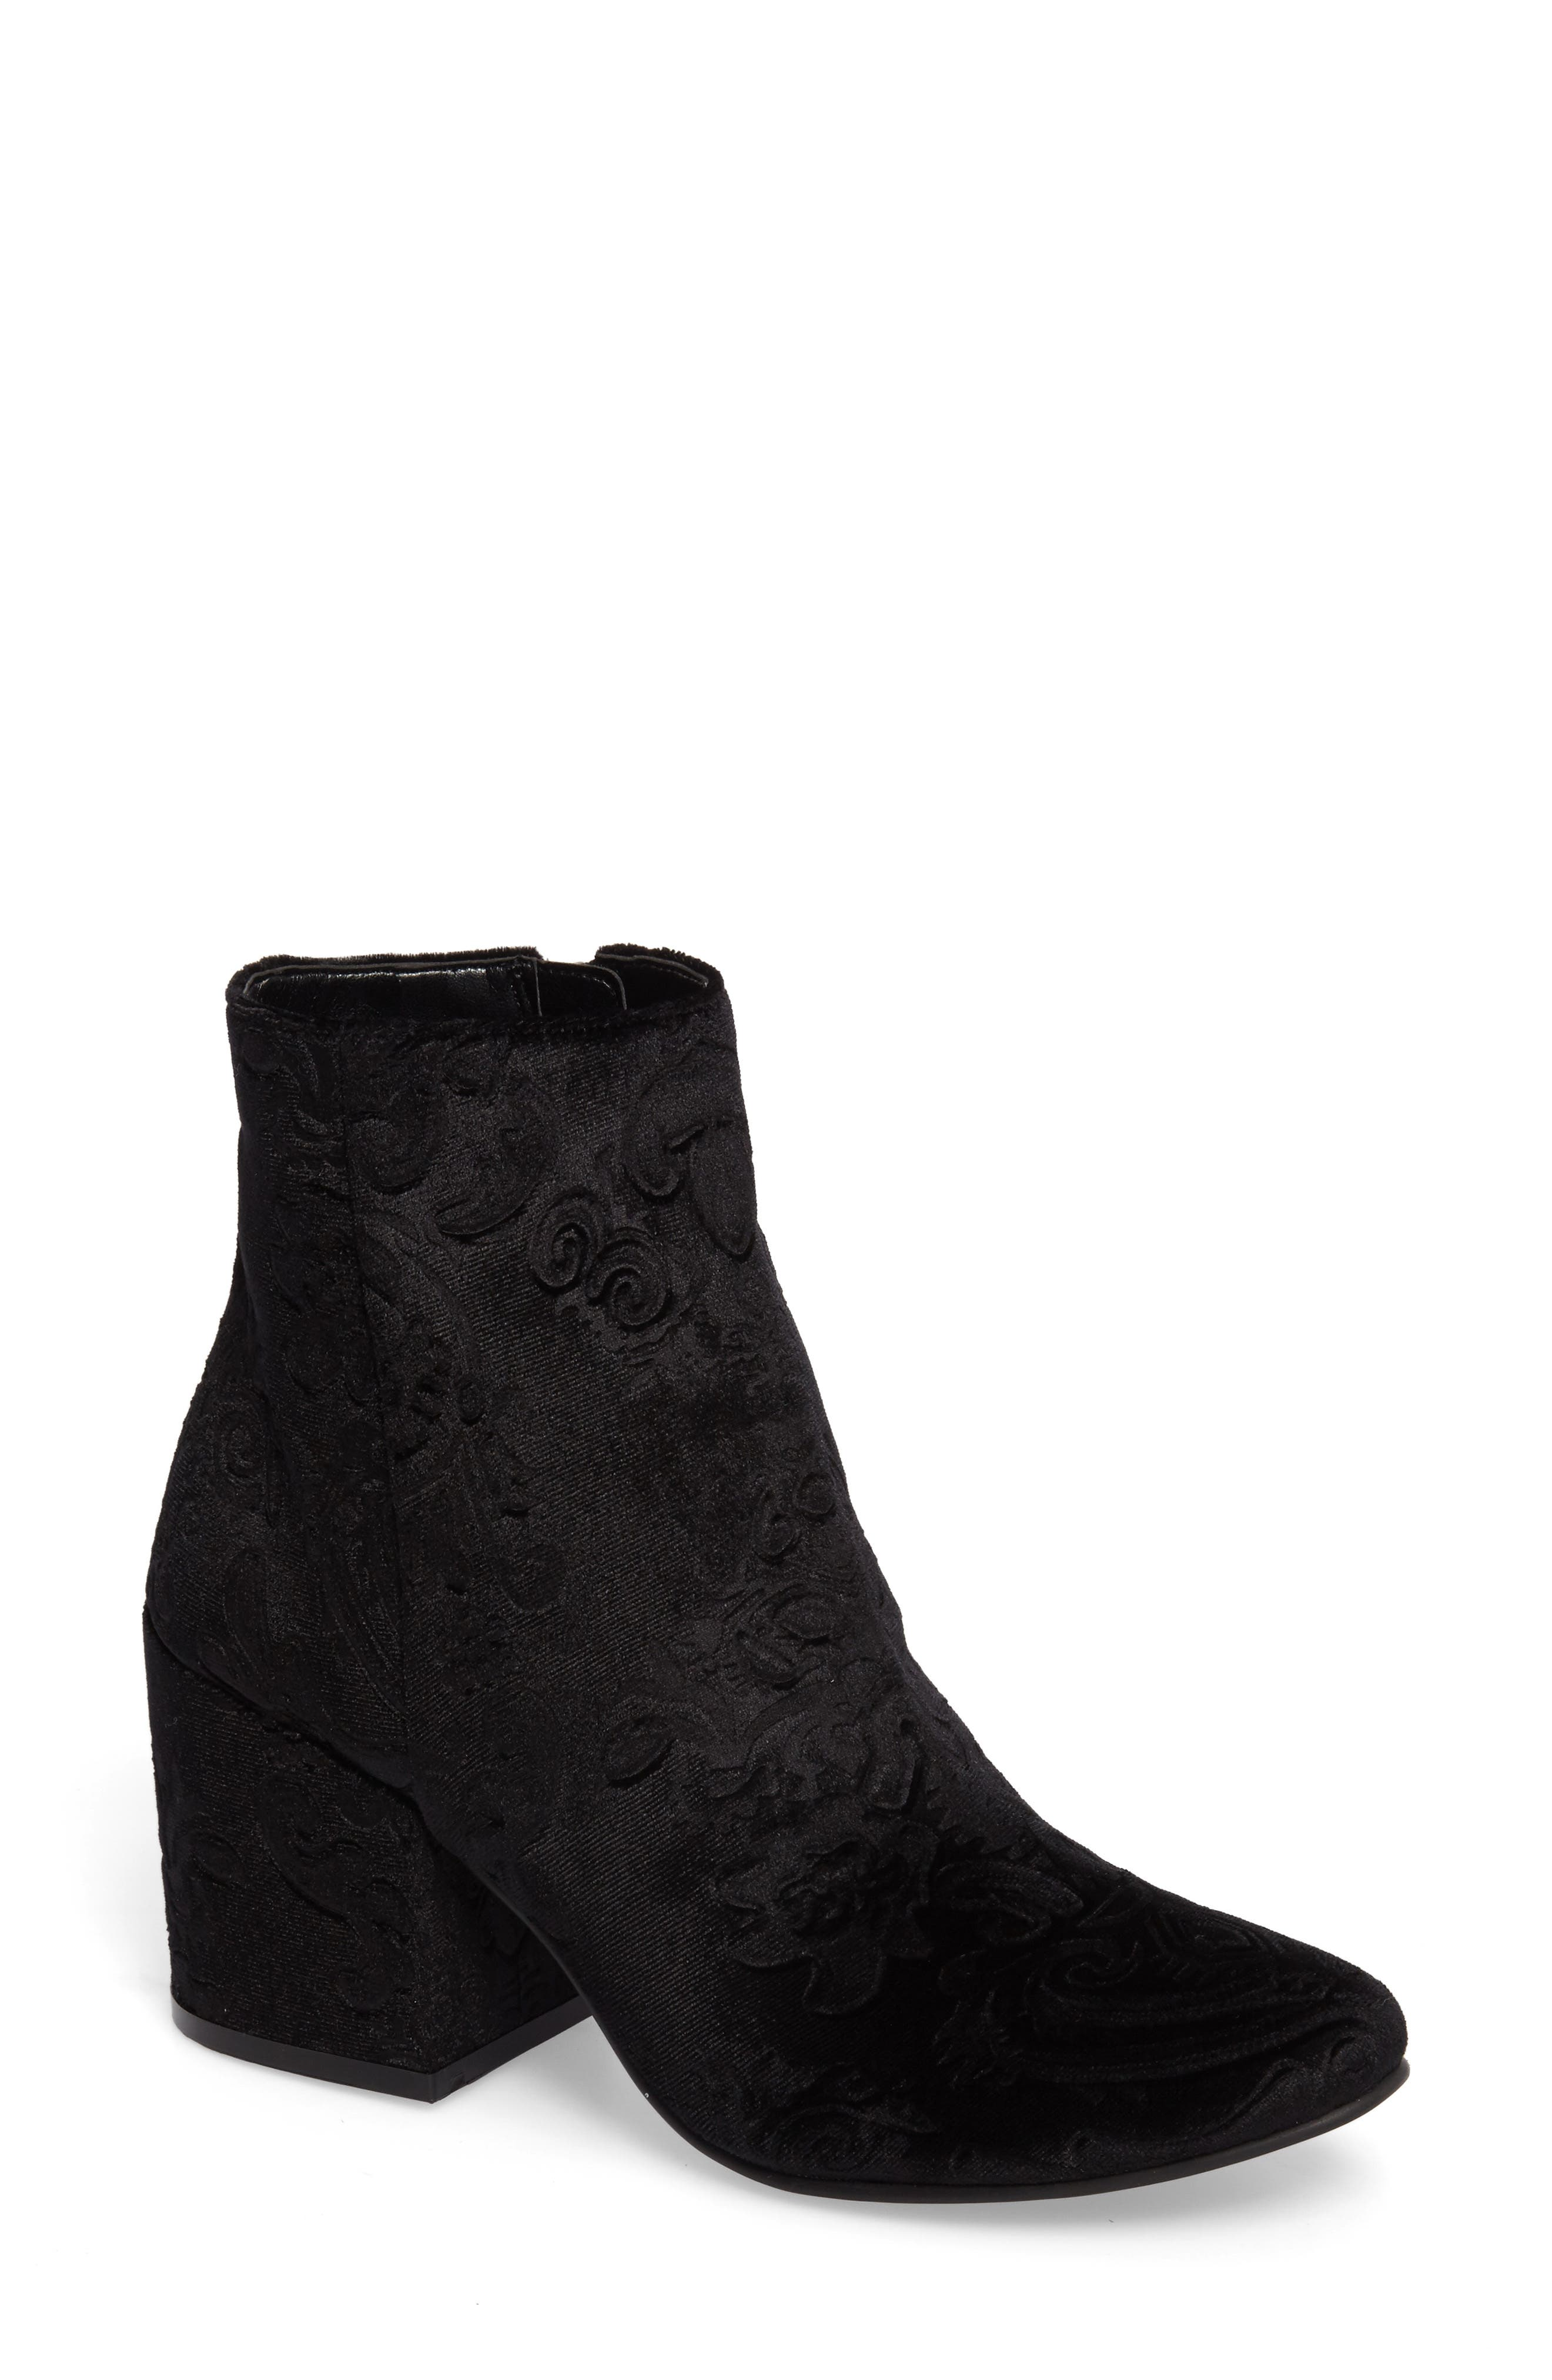 Alternate Image 1 Selected - Treasure & Bond Marian Block Heel Bootie (Women)